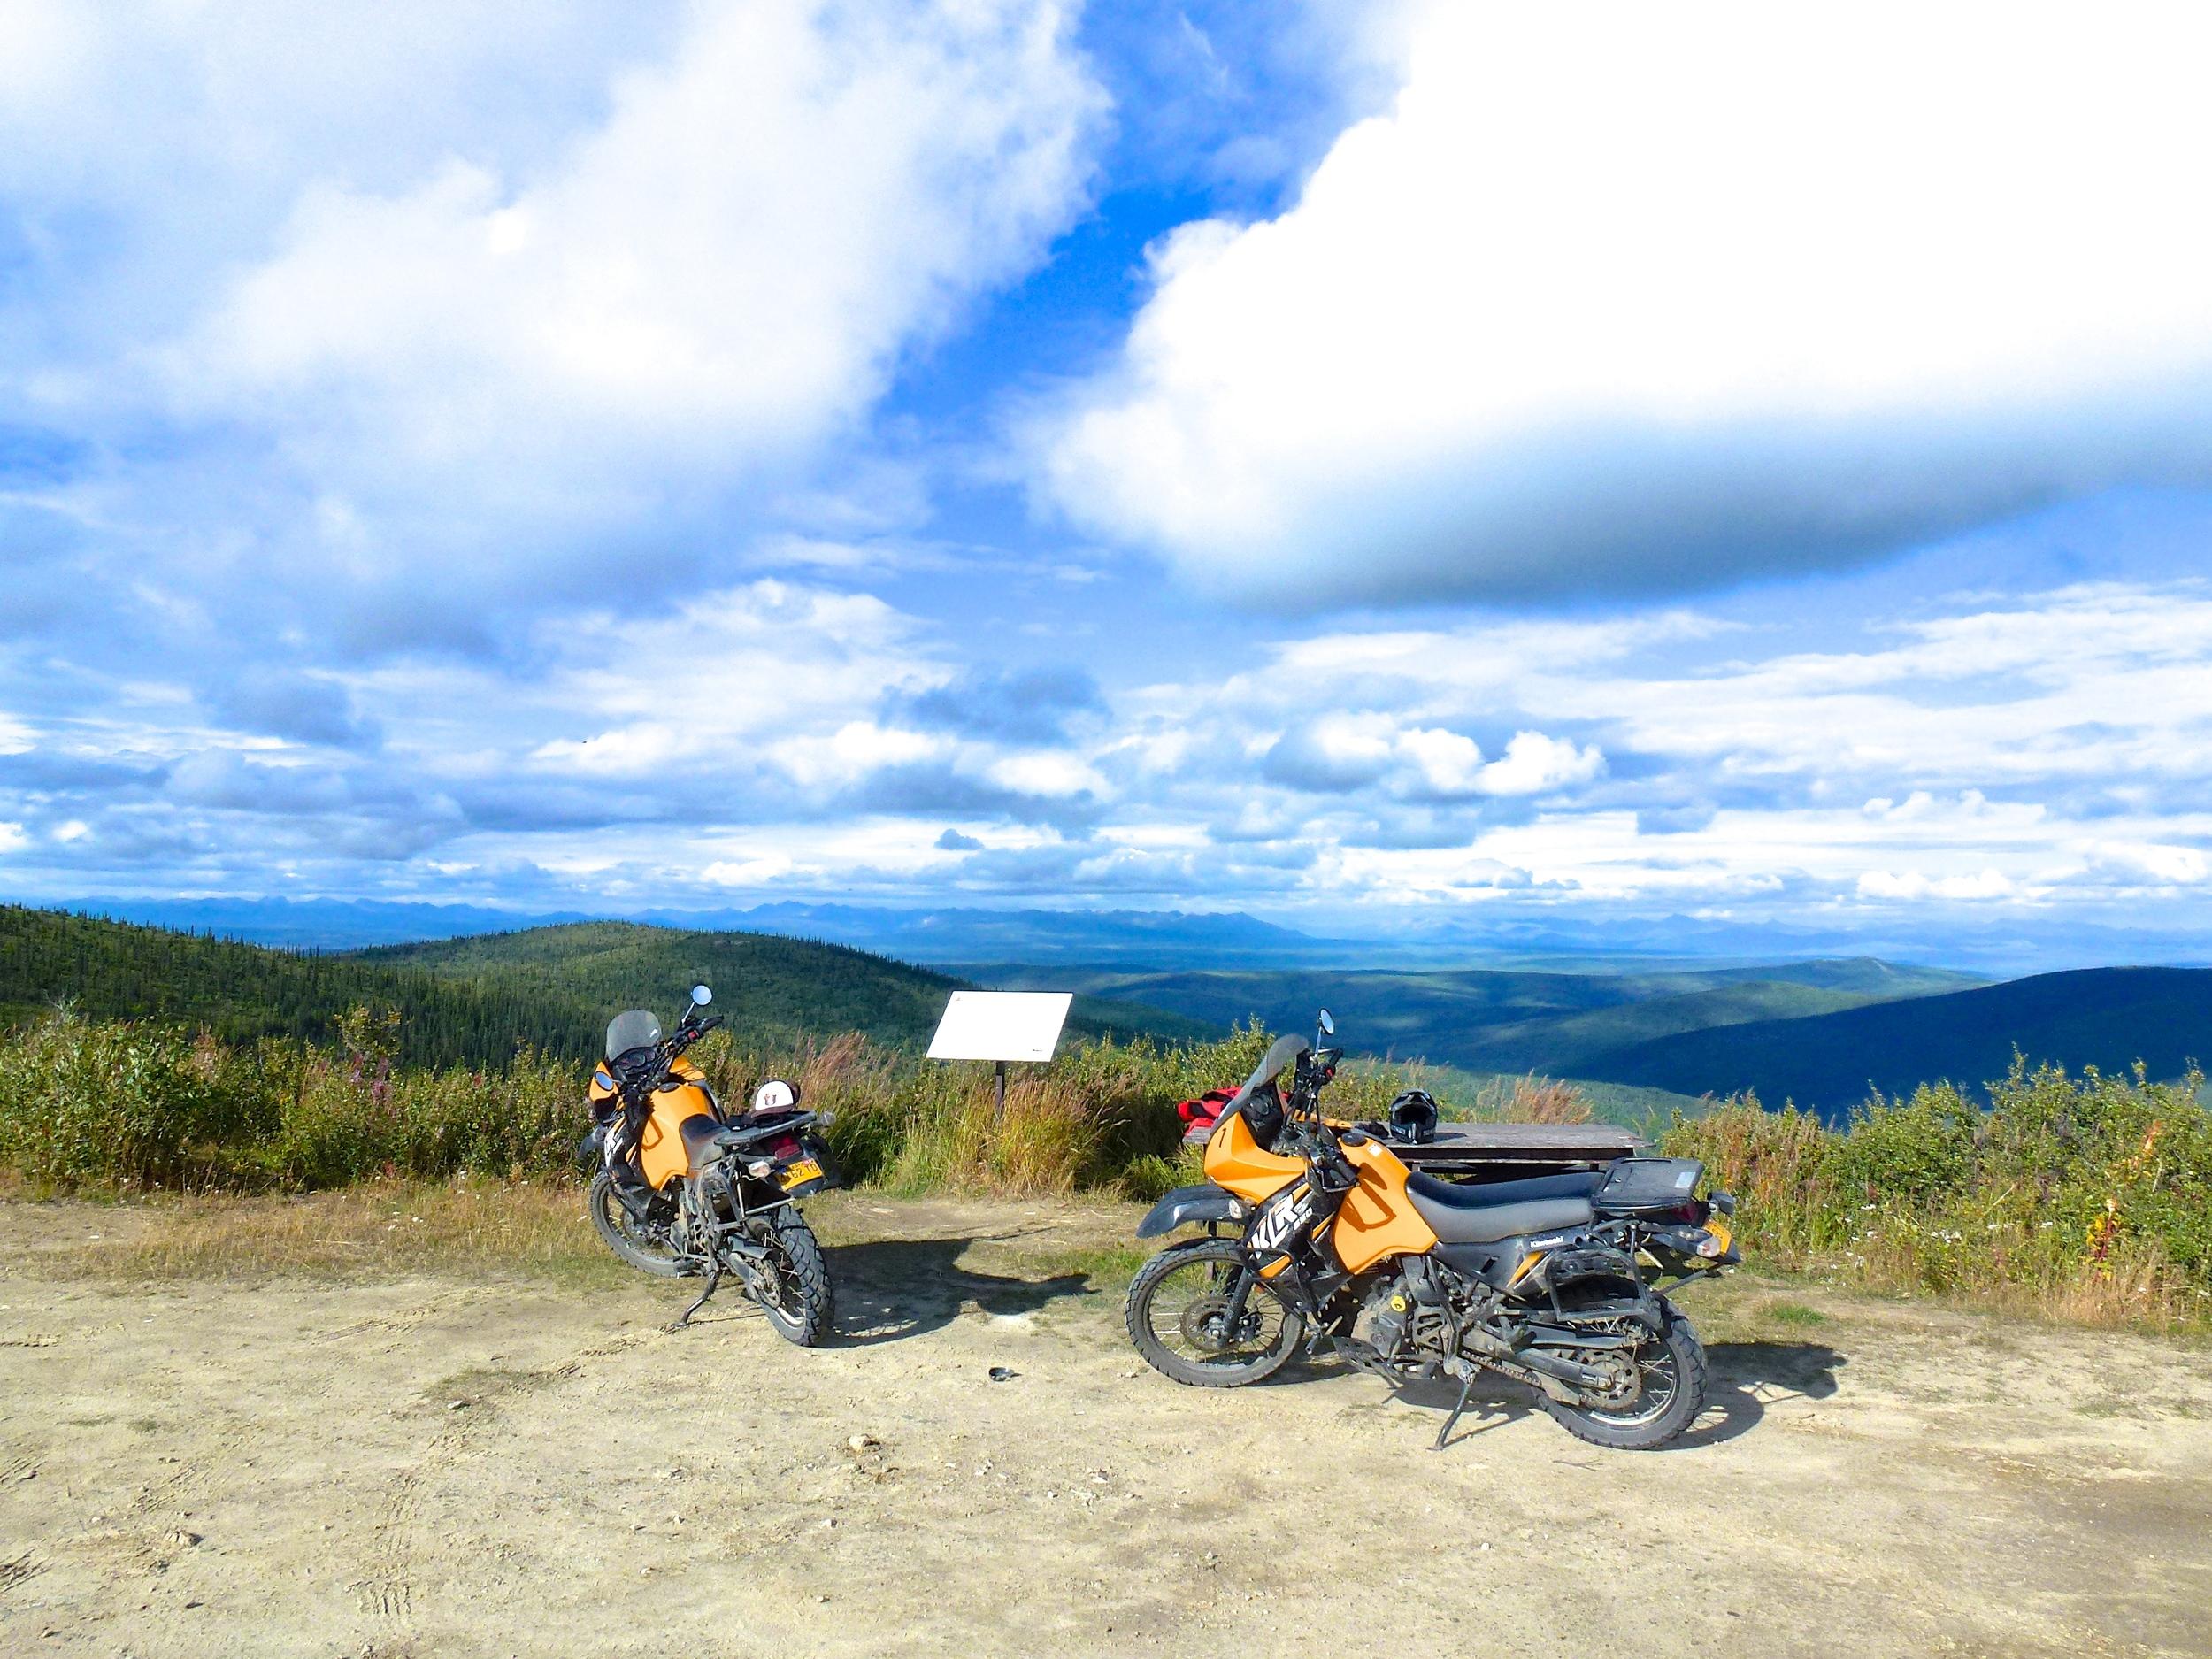 KLR650 Ride